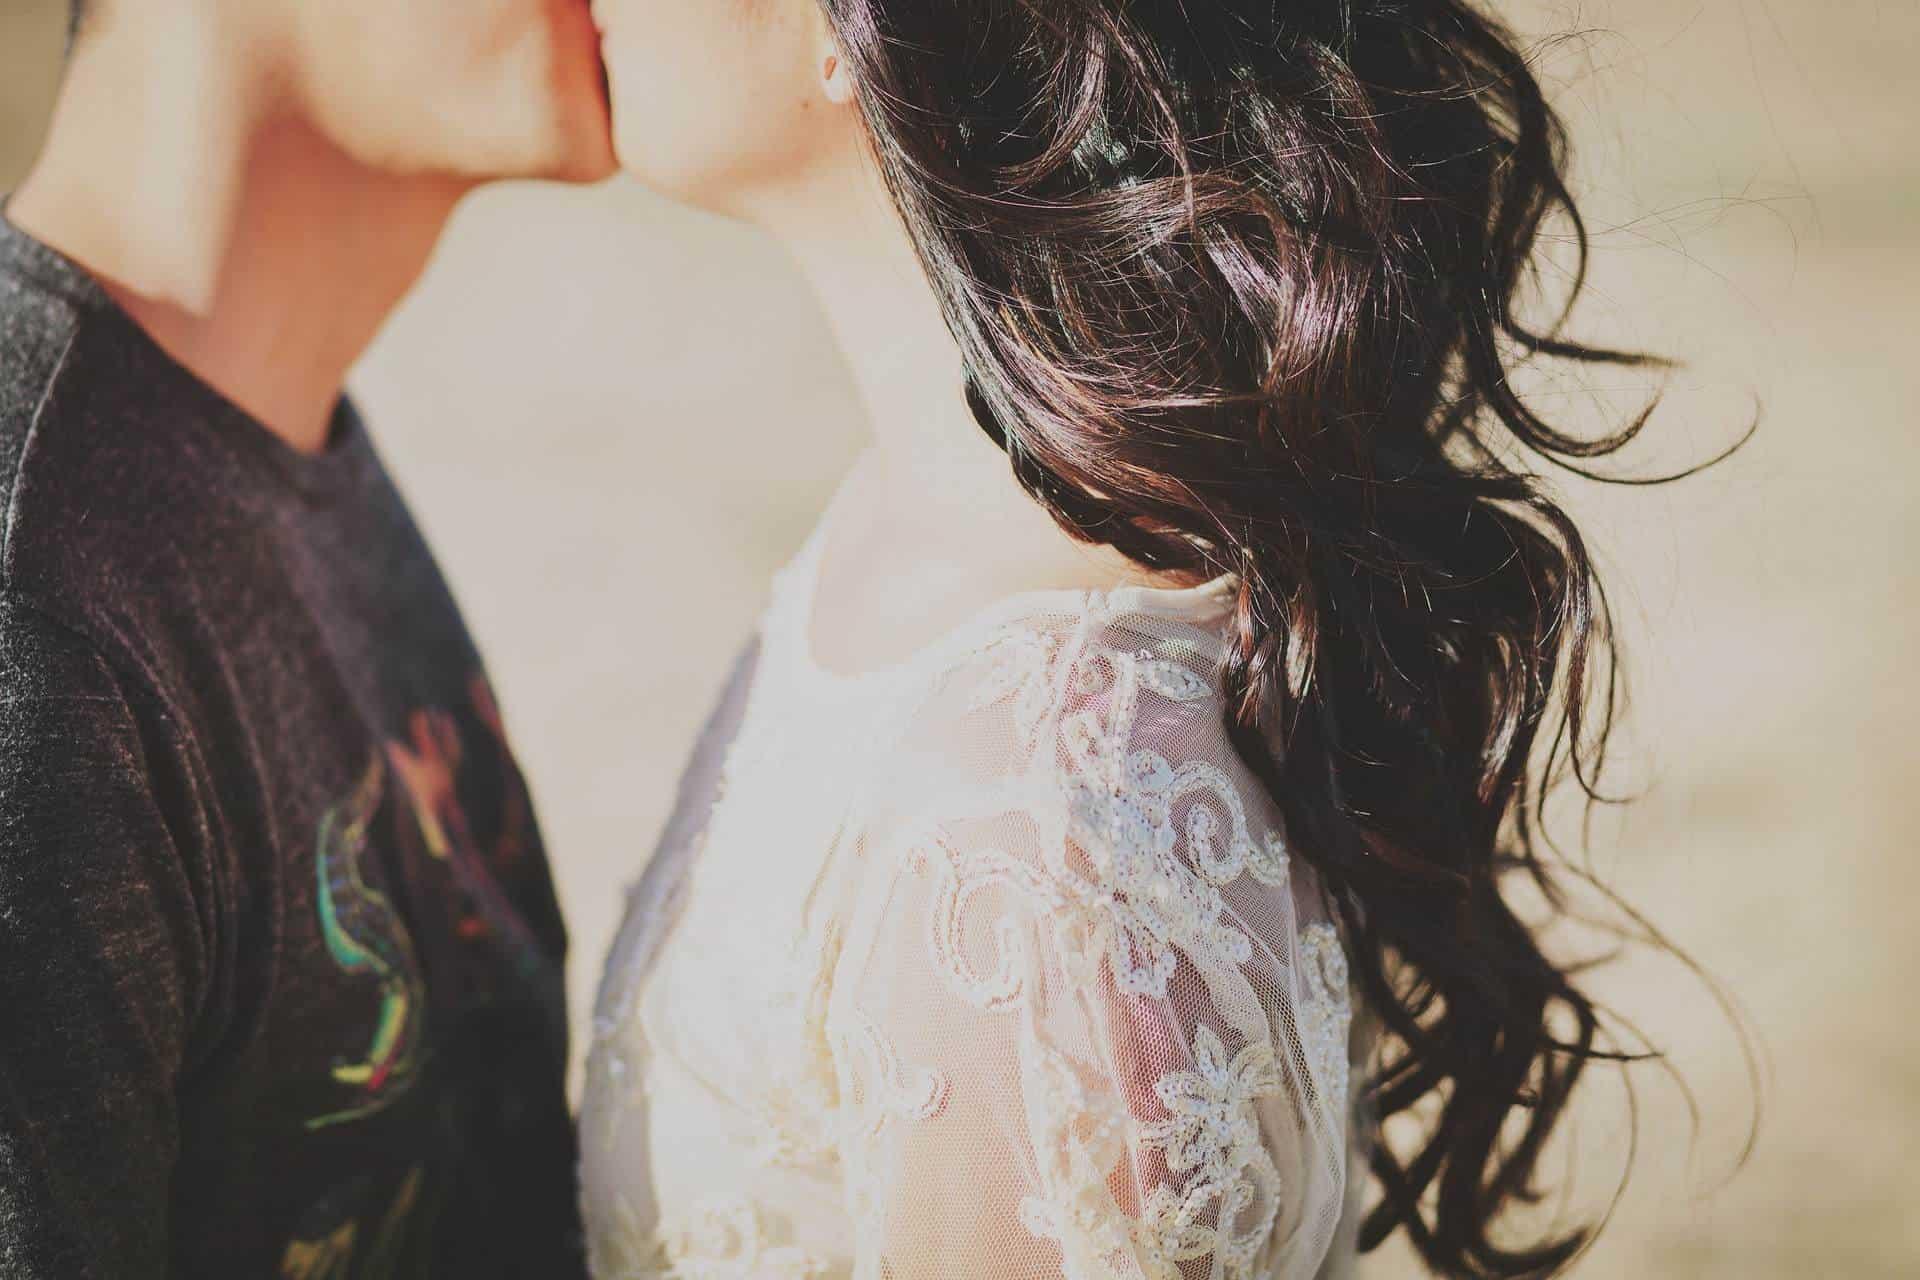 Cosa fare a San Valentino: 5 idee romantiche per regalare la giornata perfetta